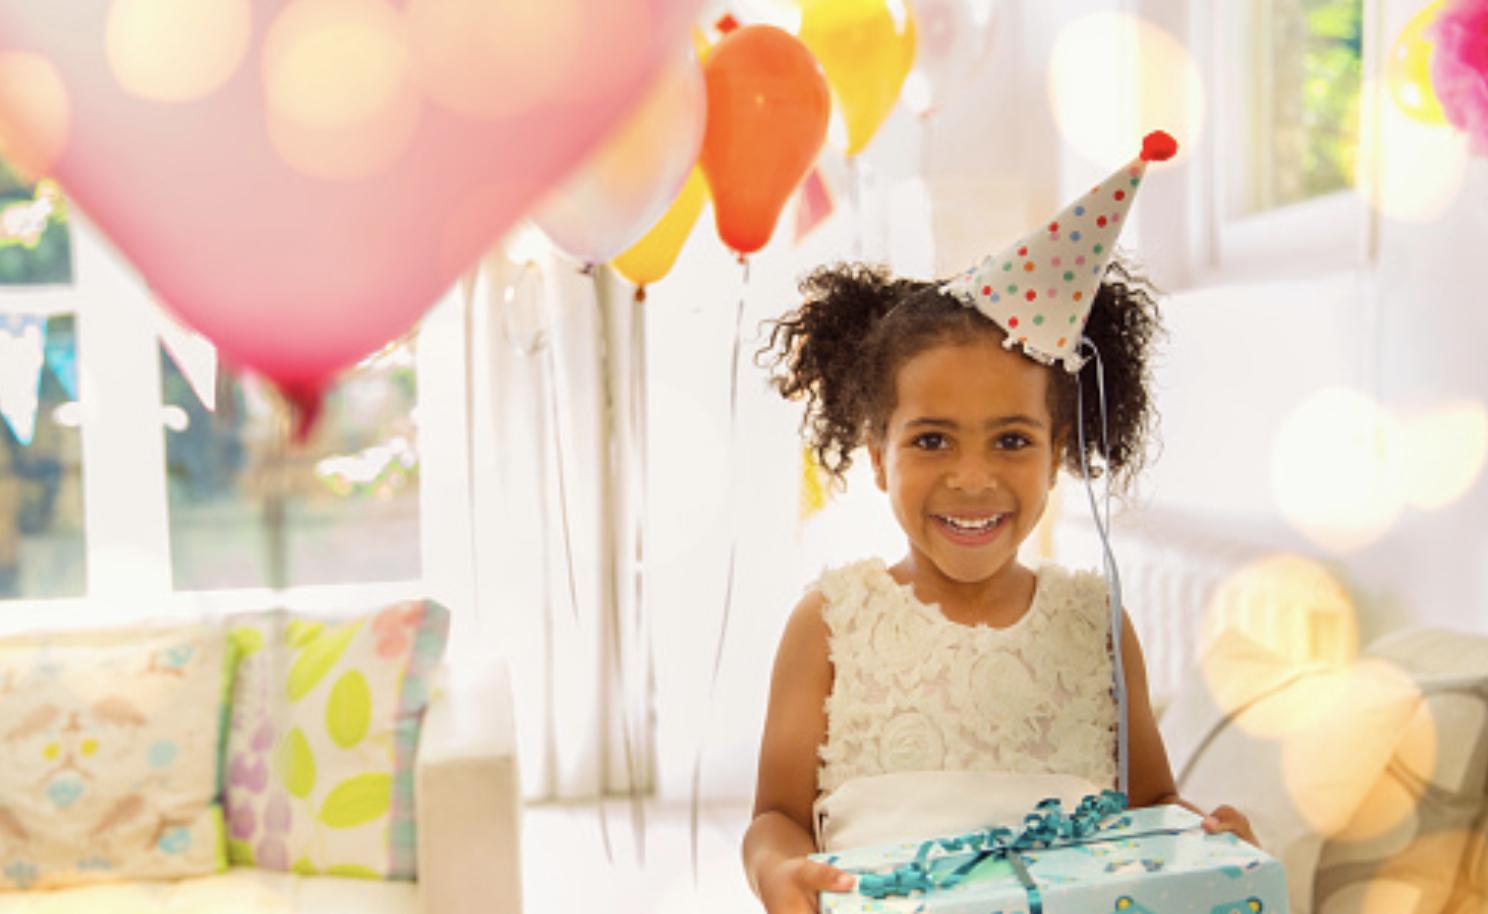 Top 10 Birthday Party Theme Ideas for Girls - PlumPolkaDot